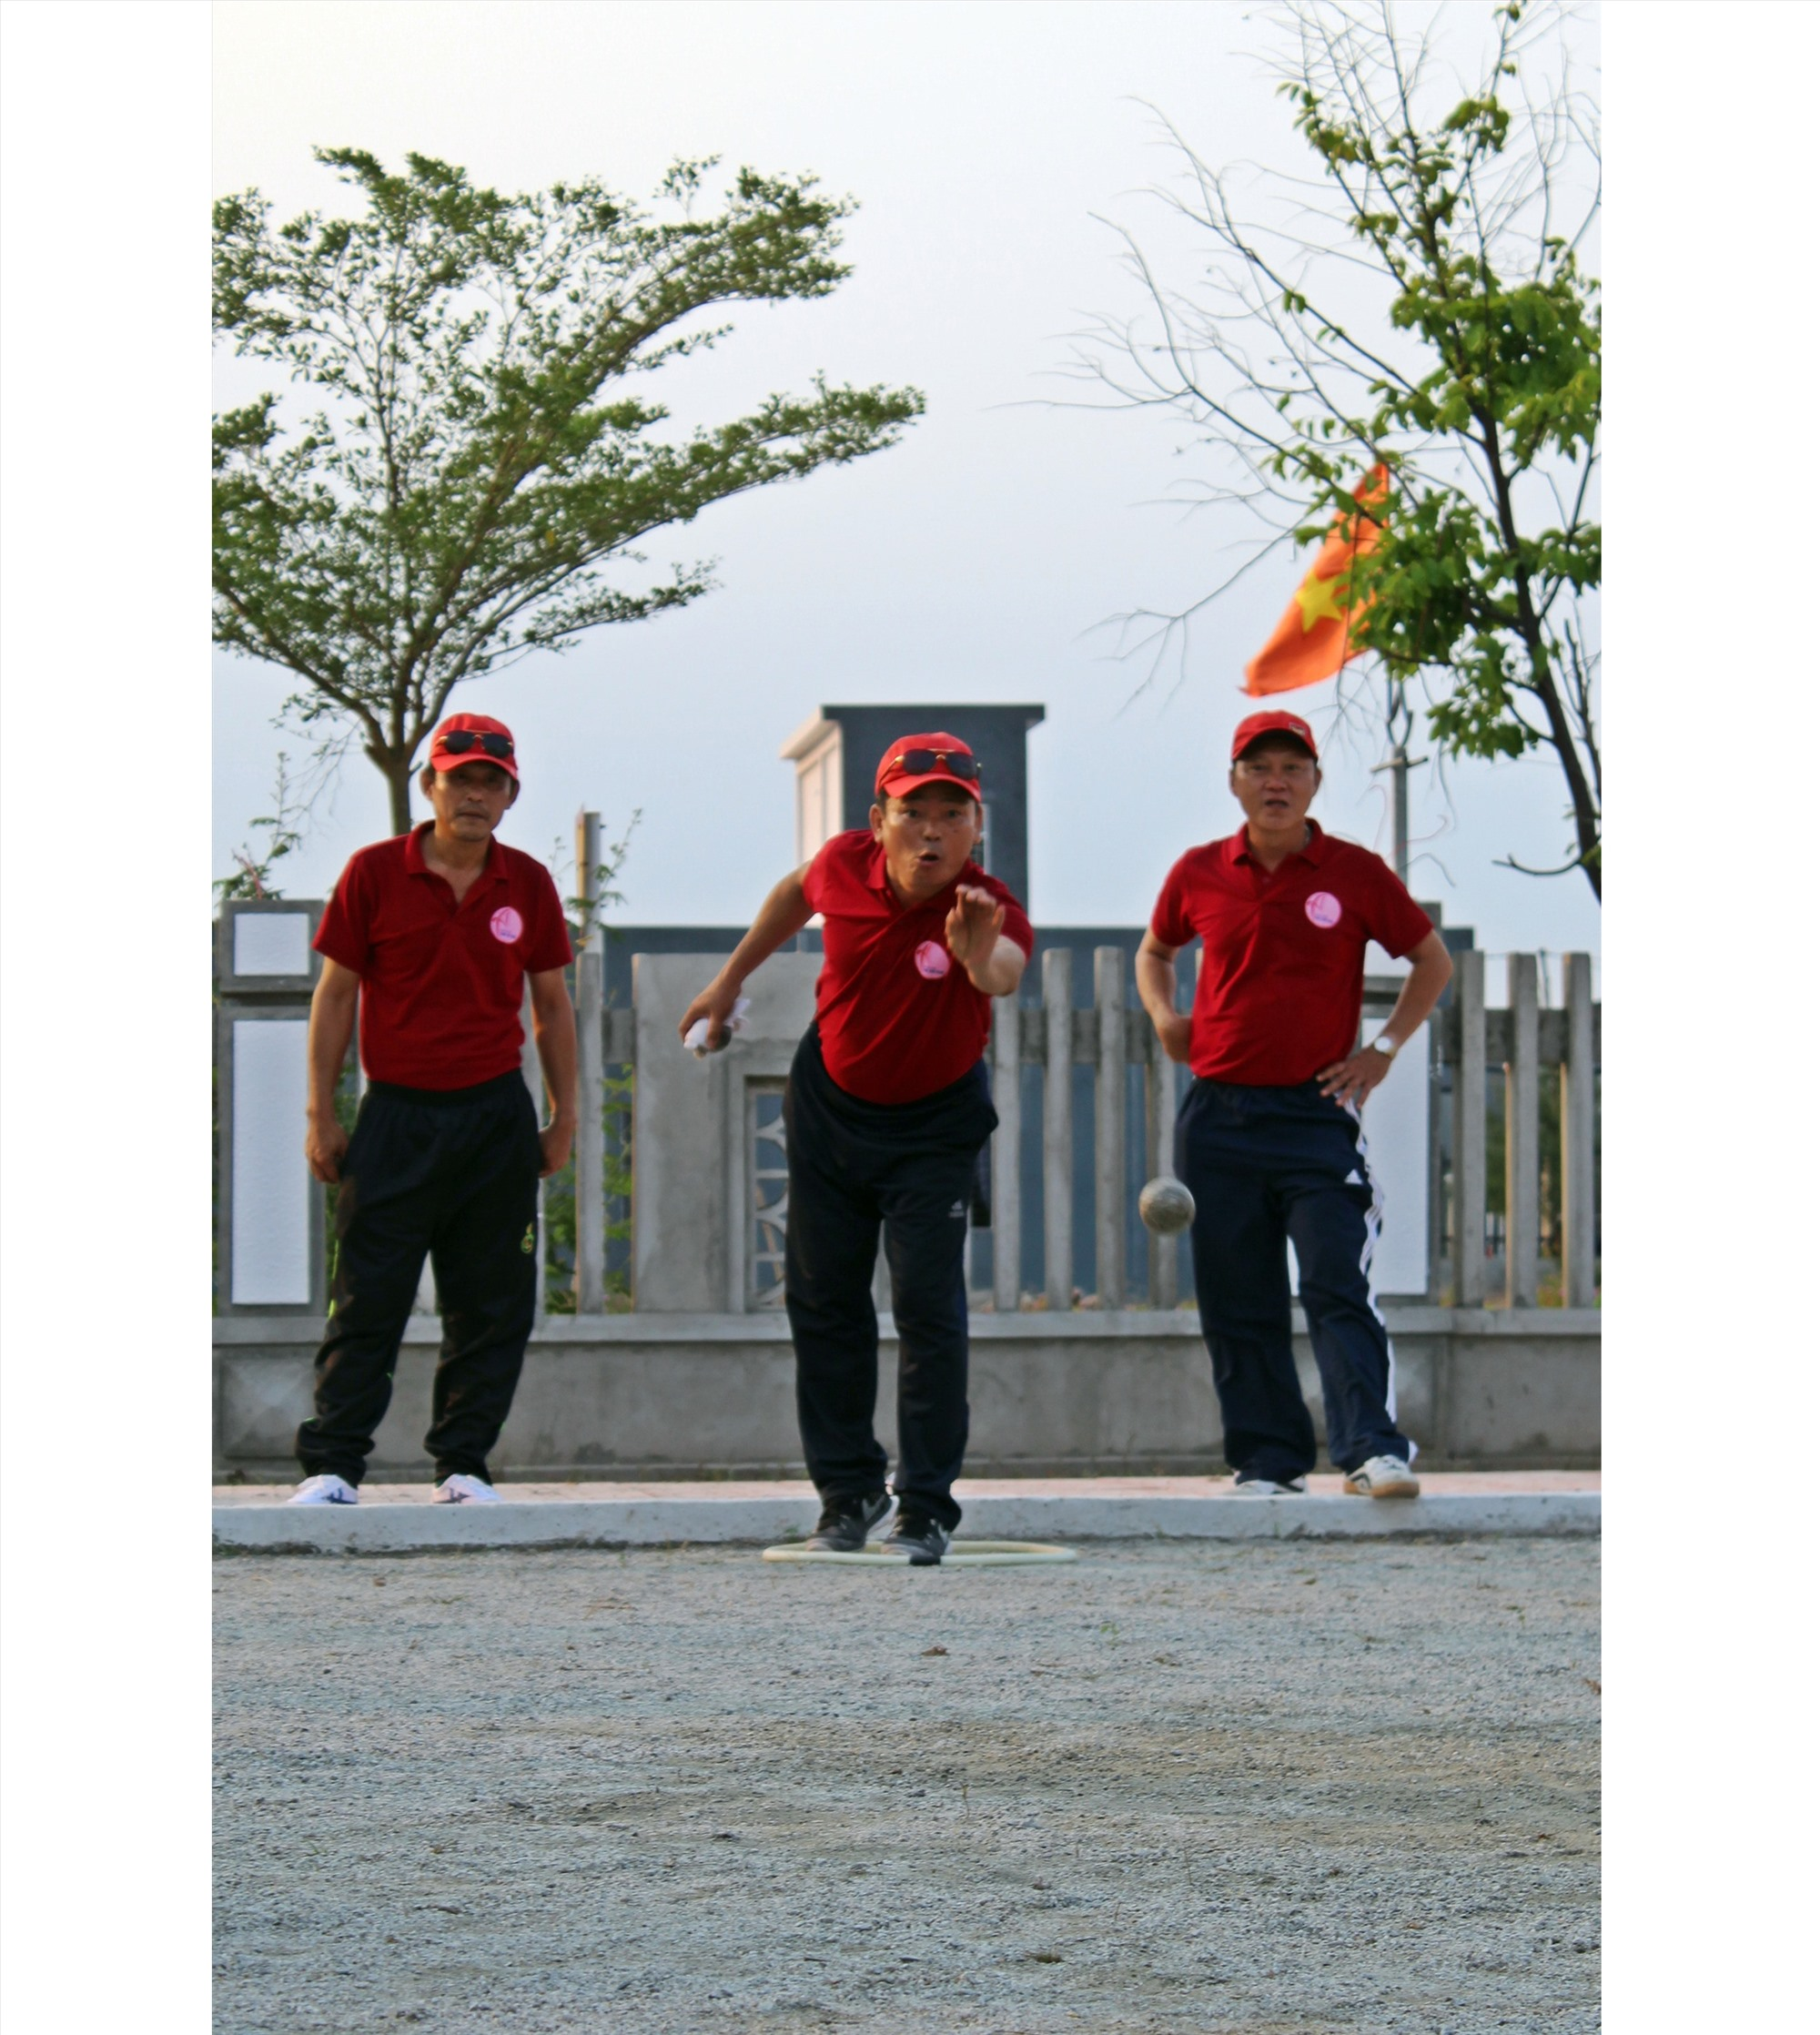 Đây là địa phương đầu tiên ở Núi Thành cũng như trên địa bàn tỉnh tổ chức phong trào chơi môn thể thao bi sắt.